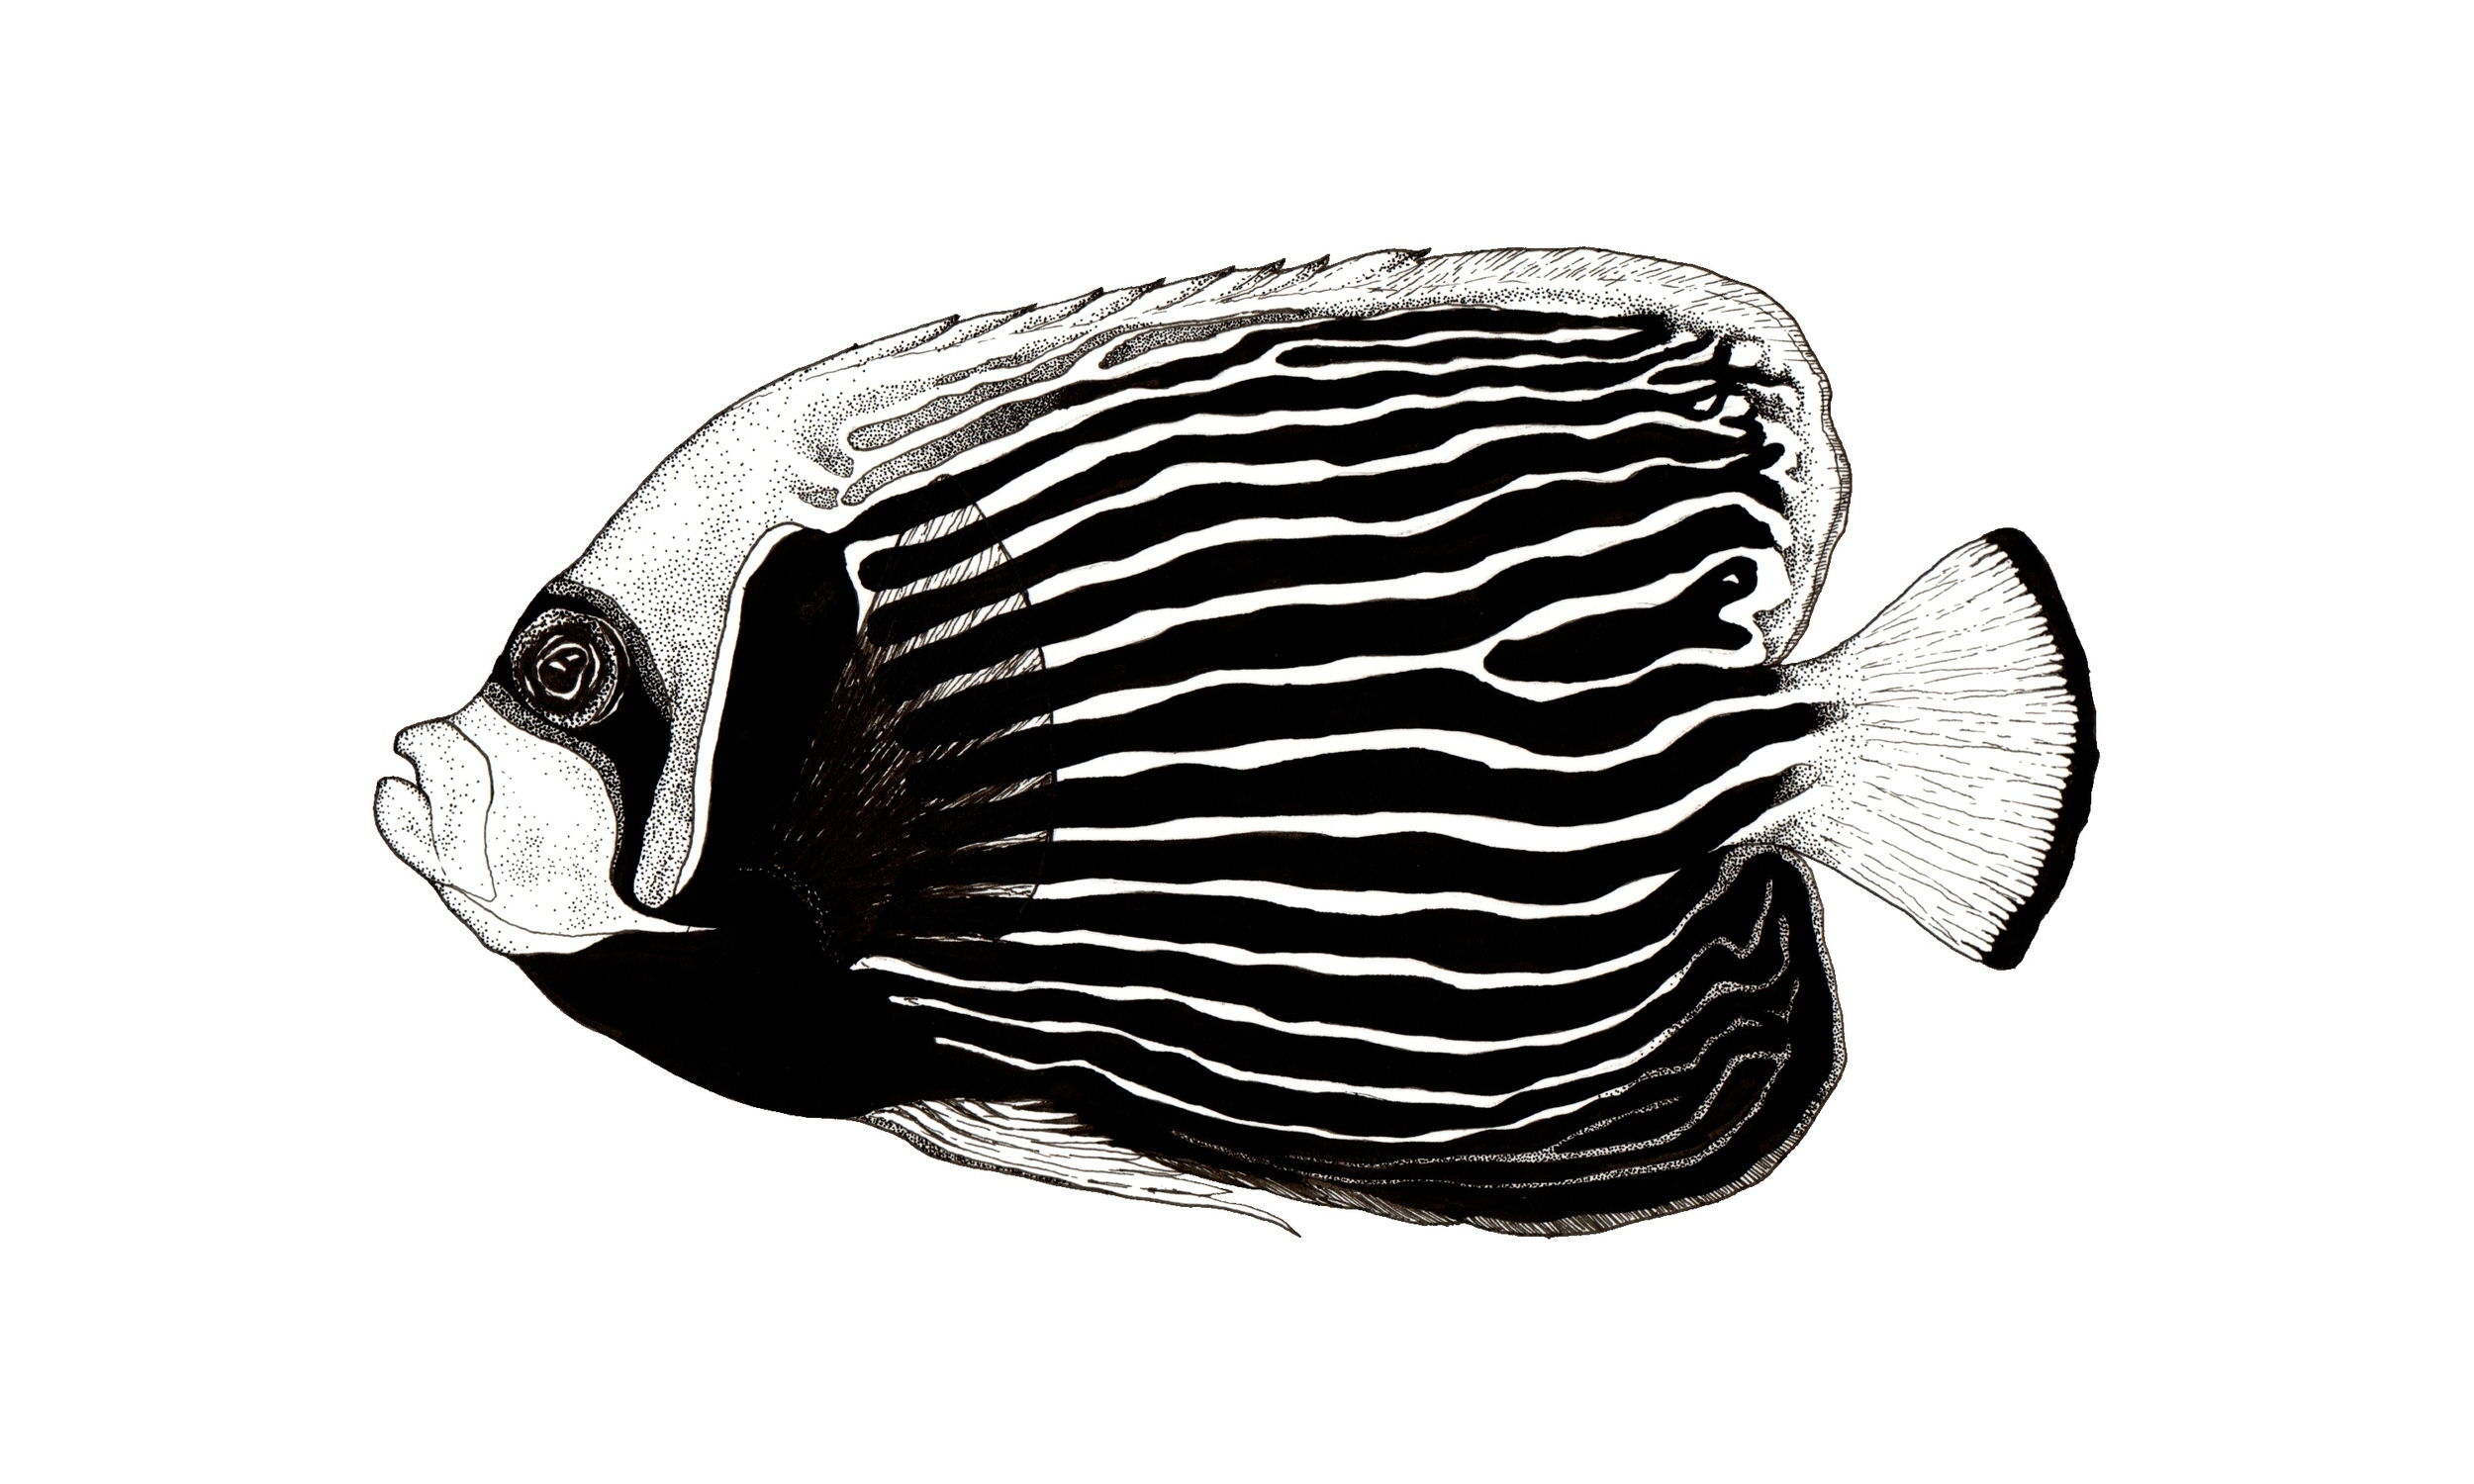 Emperor butterflyfish